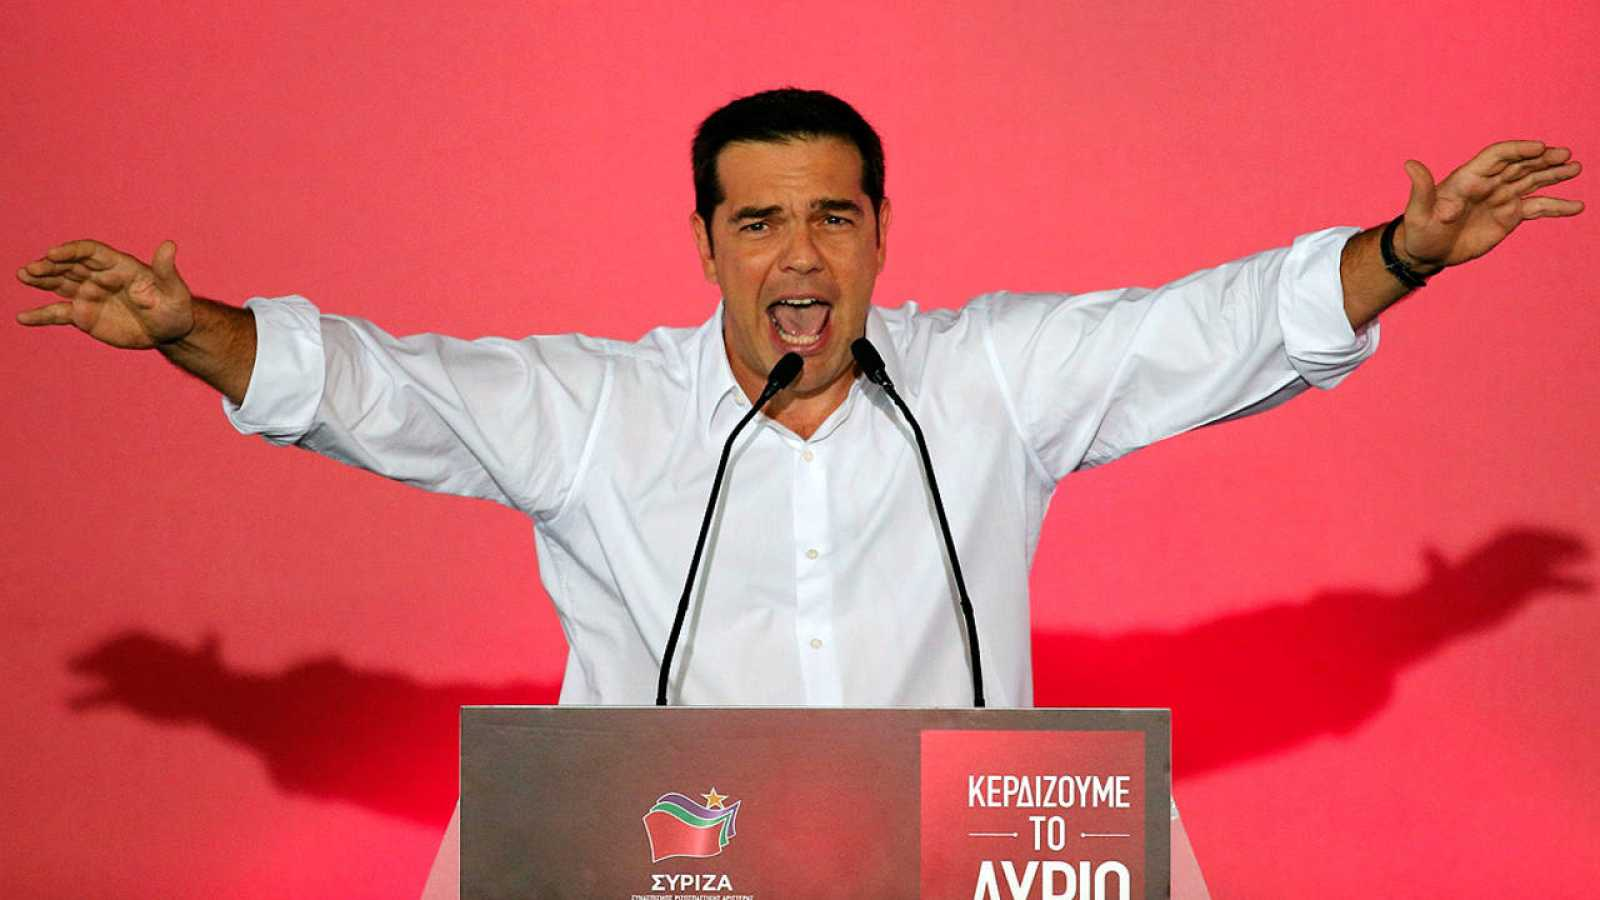 El líder de Syriza, Alexis Tsipras, en un mítin en Atenas